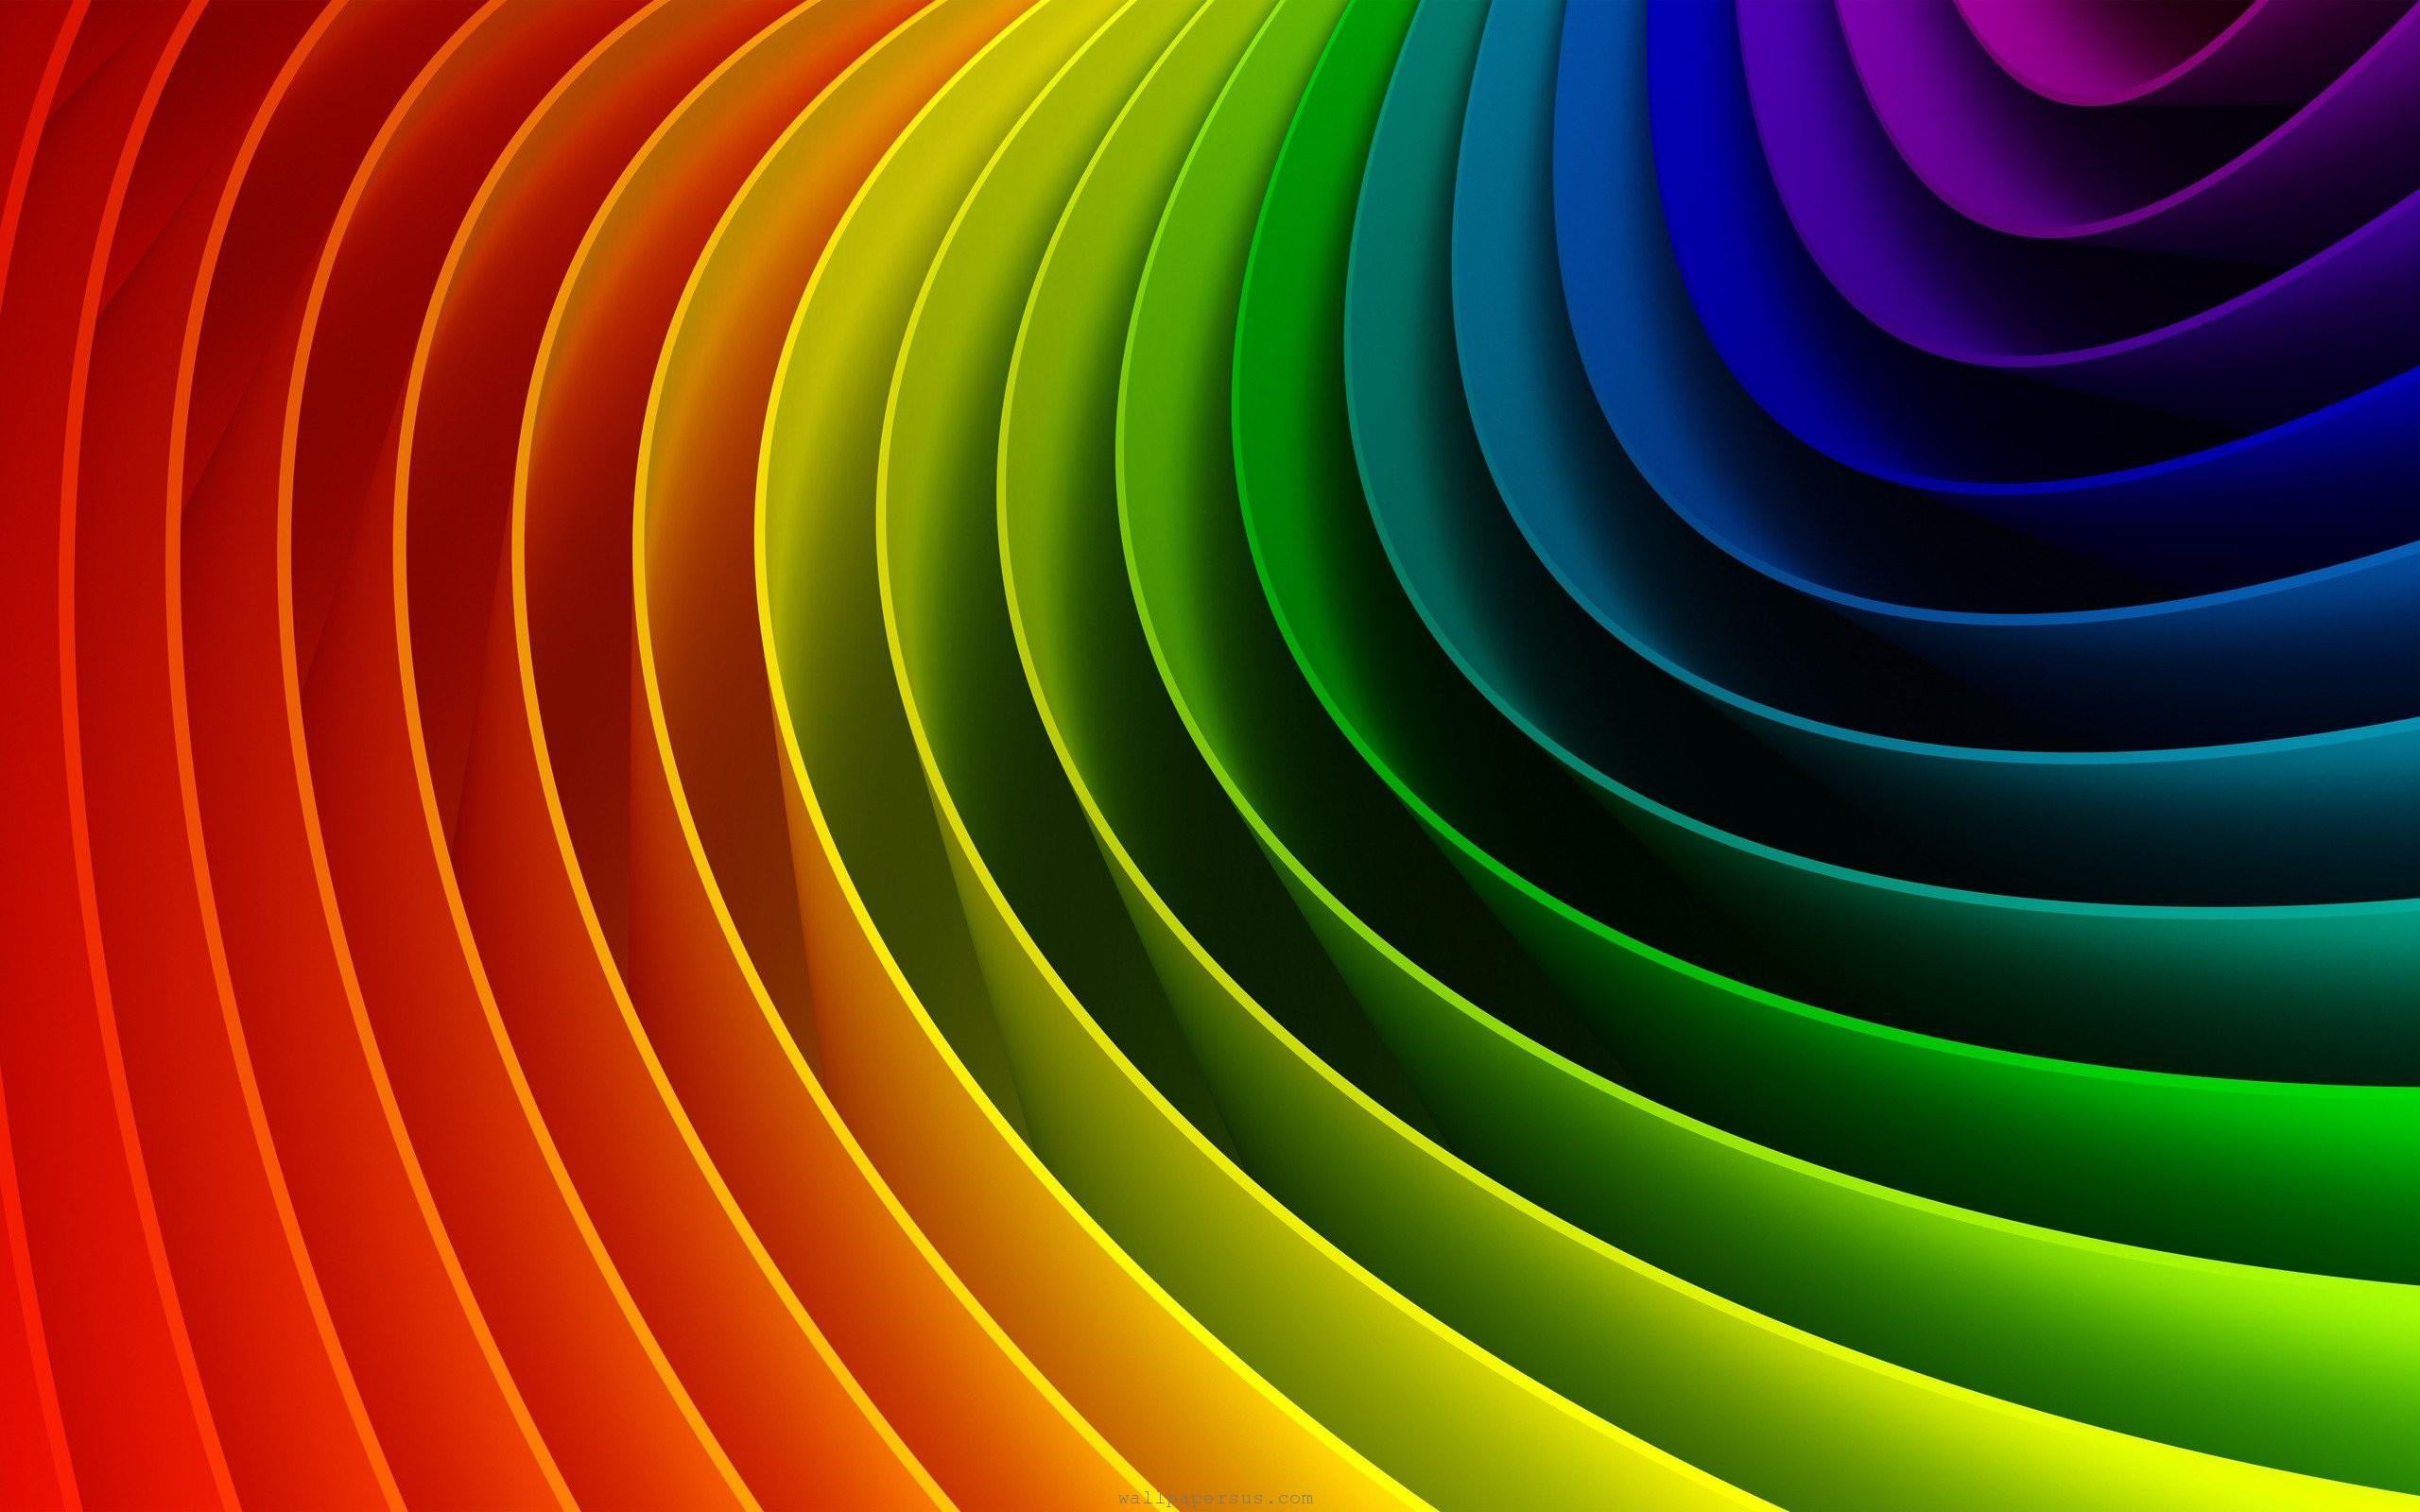 3d abstract desktop wallpaper wallpapersafari for Modern 3d wallpaper